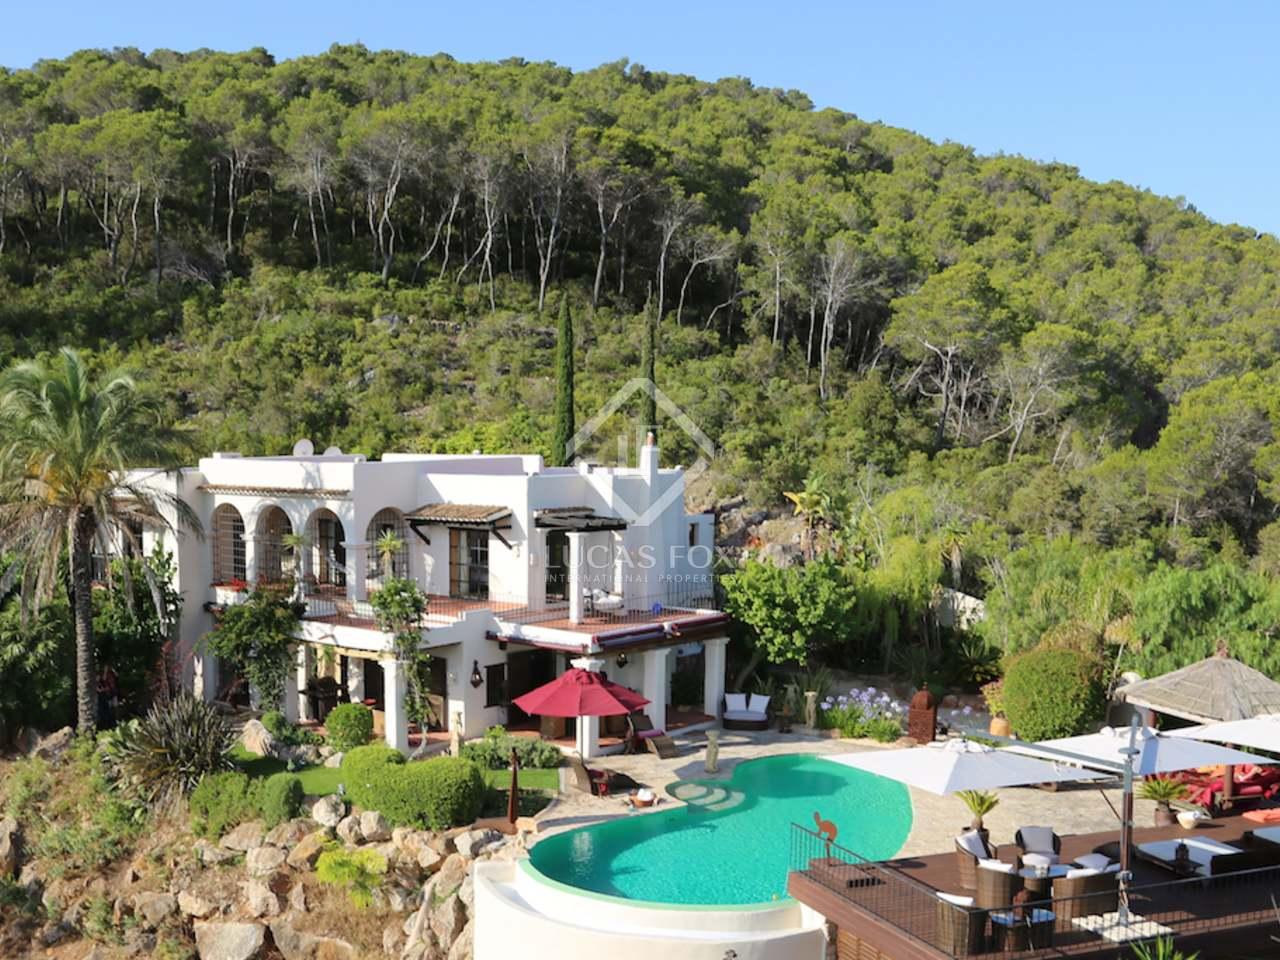 Luxuri se villa mit infinity pool zum verkauf im norden ibizas for Pool verkauf